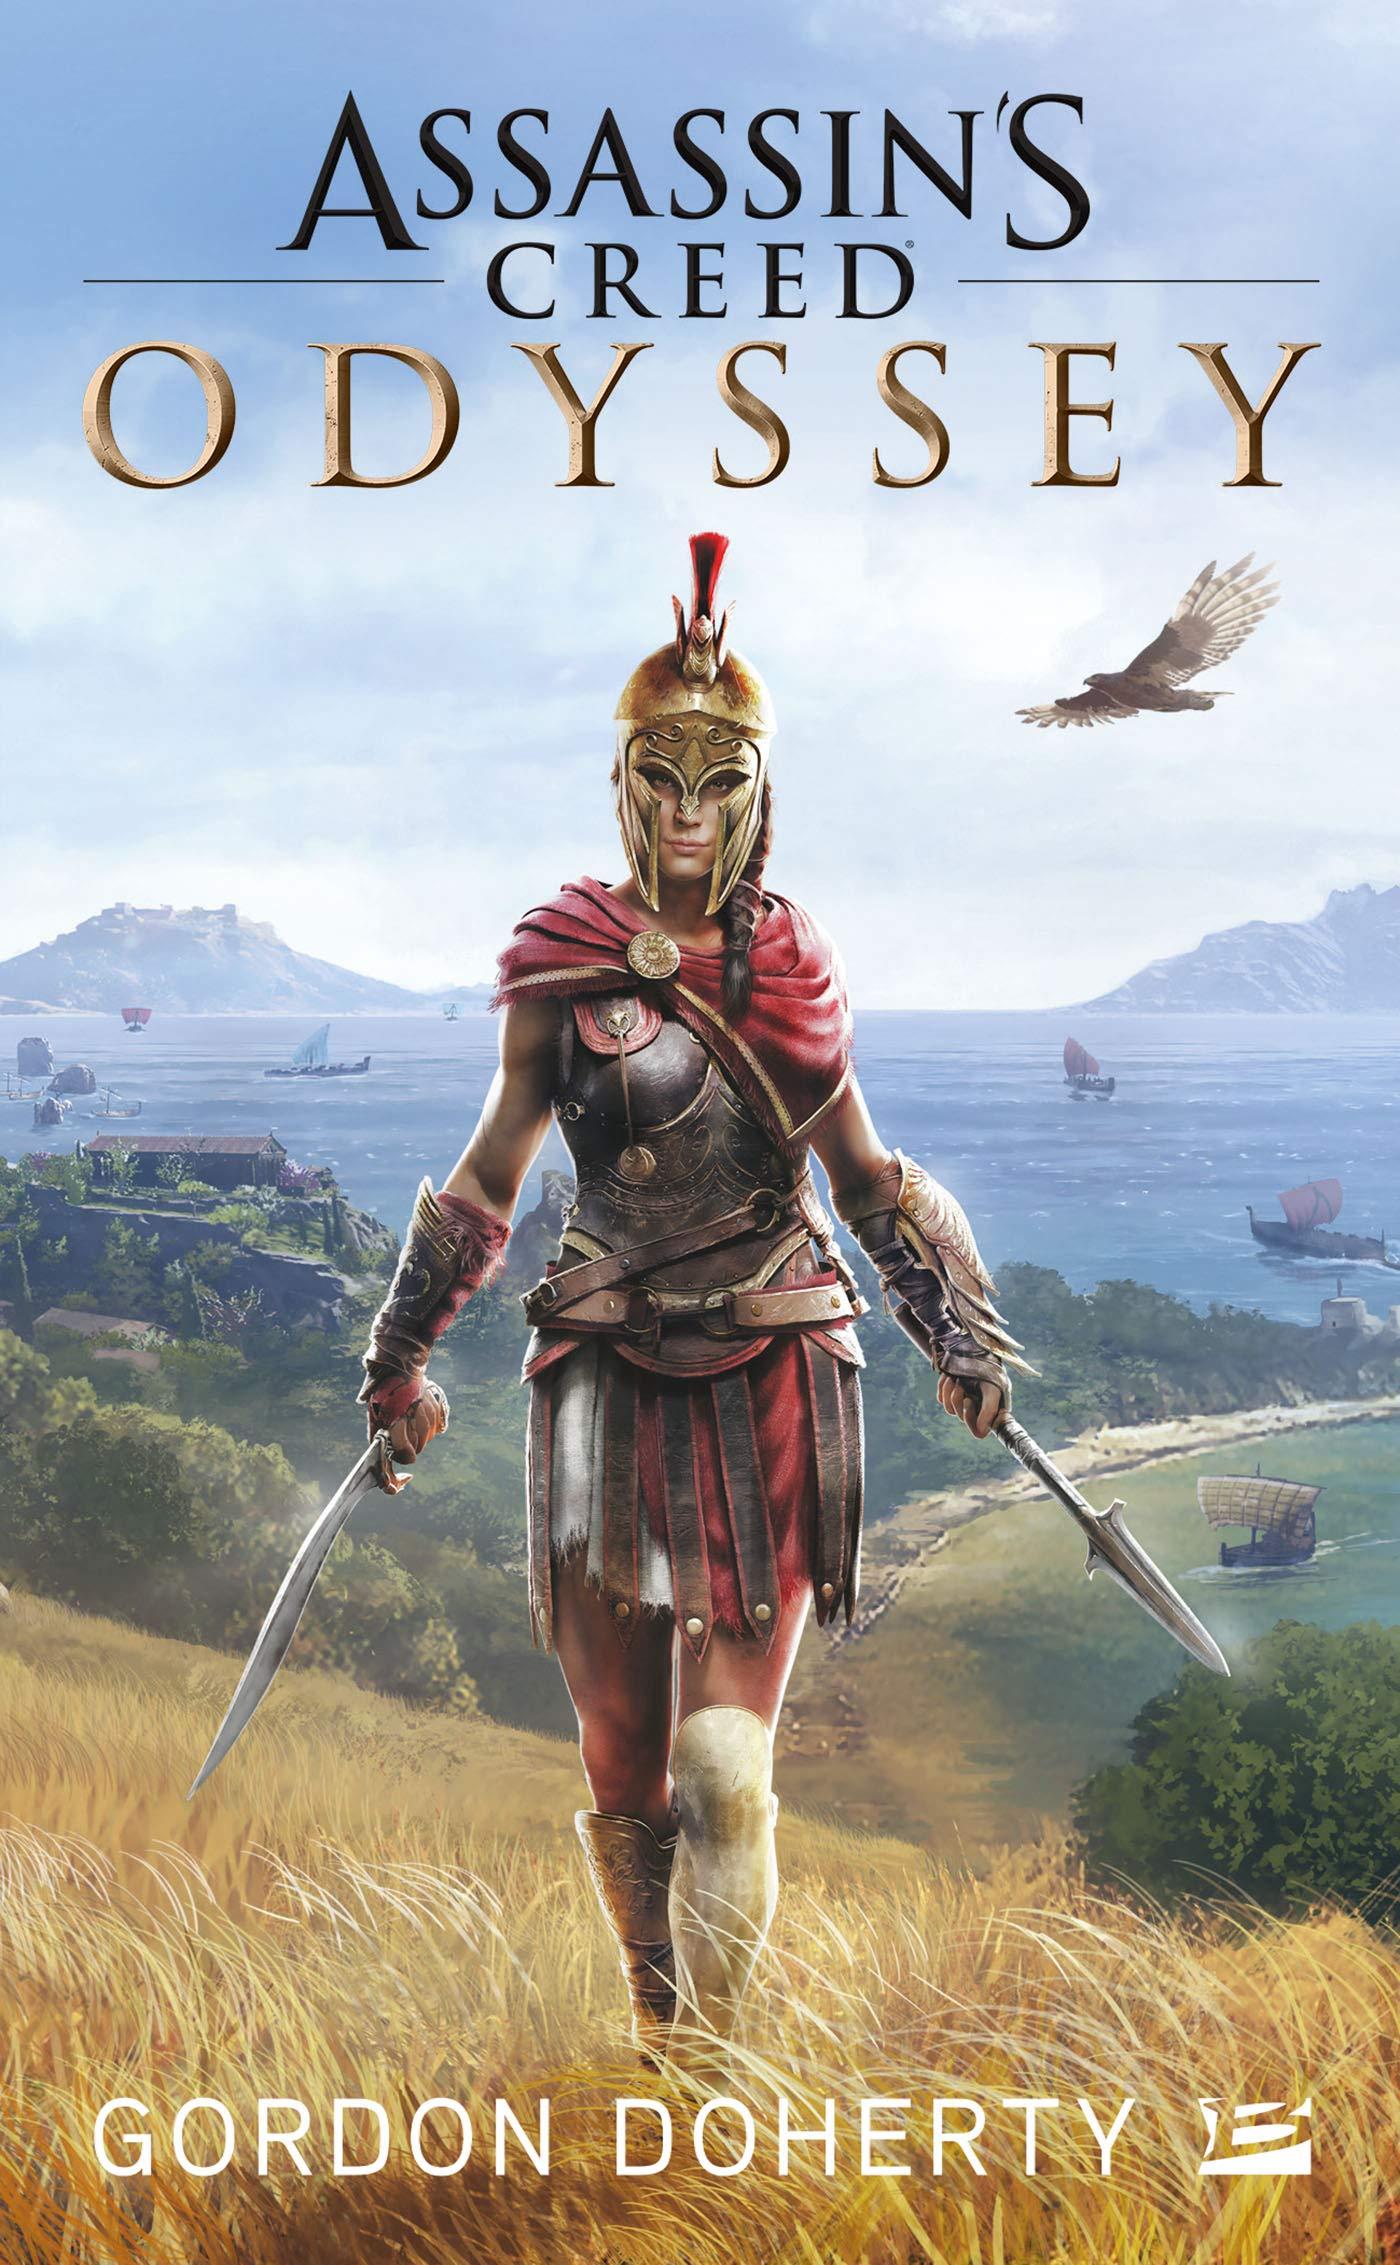 Assassin's Creed: Odyssey Broché – 10 octobre 2018 Gordon Doherty Assassin's Creed: Odyssey Bragelonne B07FDMY2R1